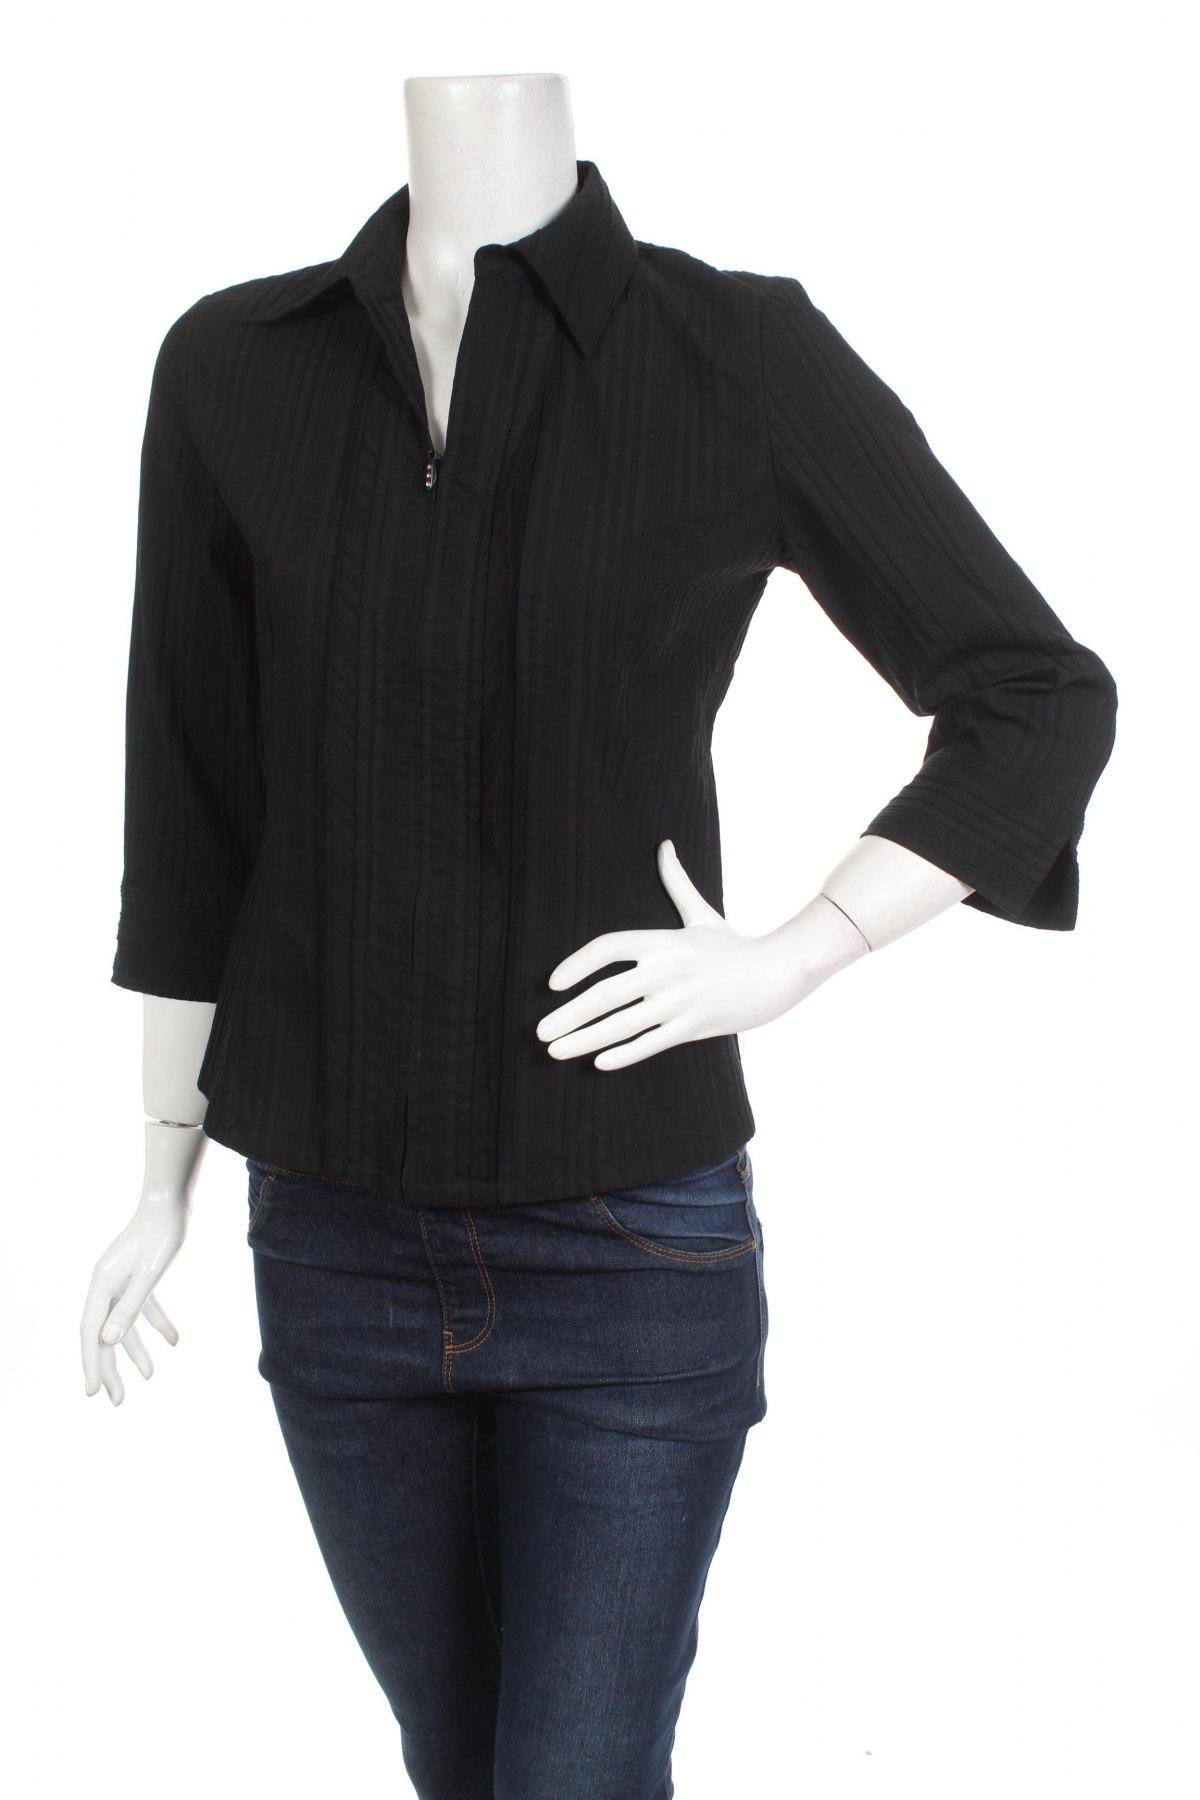 Γυναικείο πουκάμισο Brandtex, Μέγεθος S, Χρώμα Μαύρο, 56% βαμβάκι, 42% πολυεστέρας, 2% ελαστάνη, Τιμή 14,95€